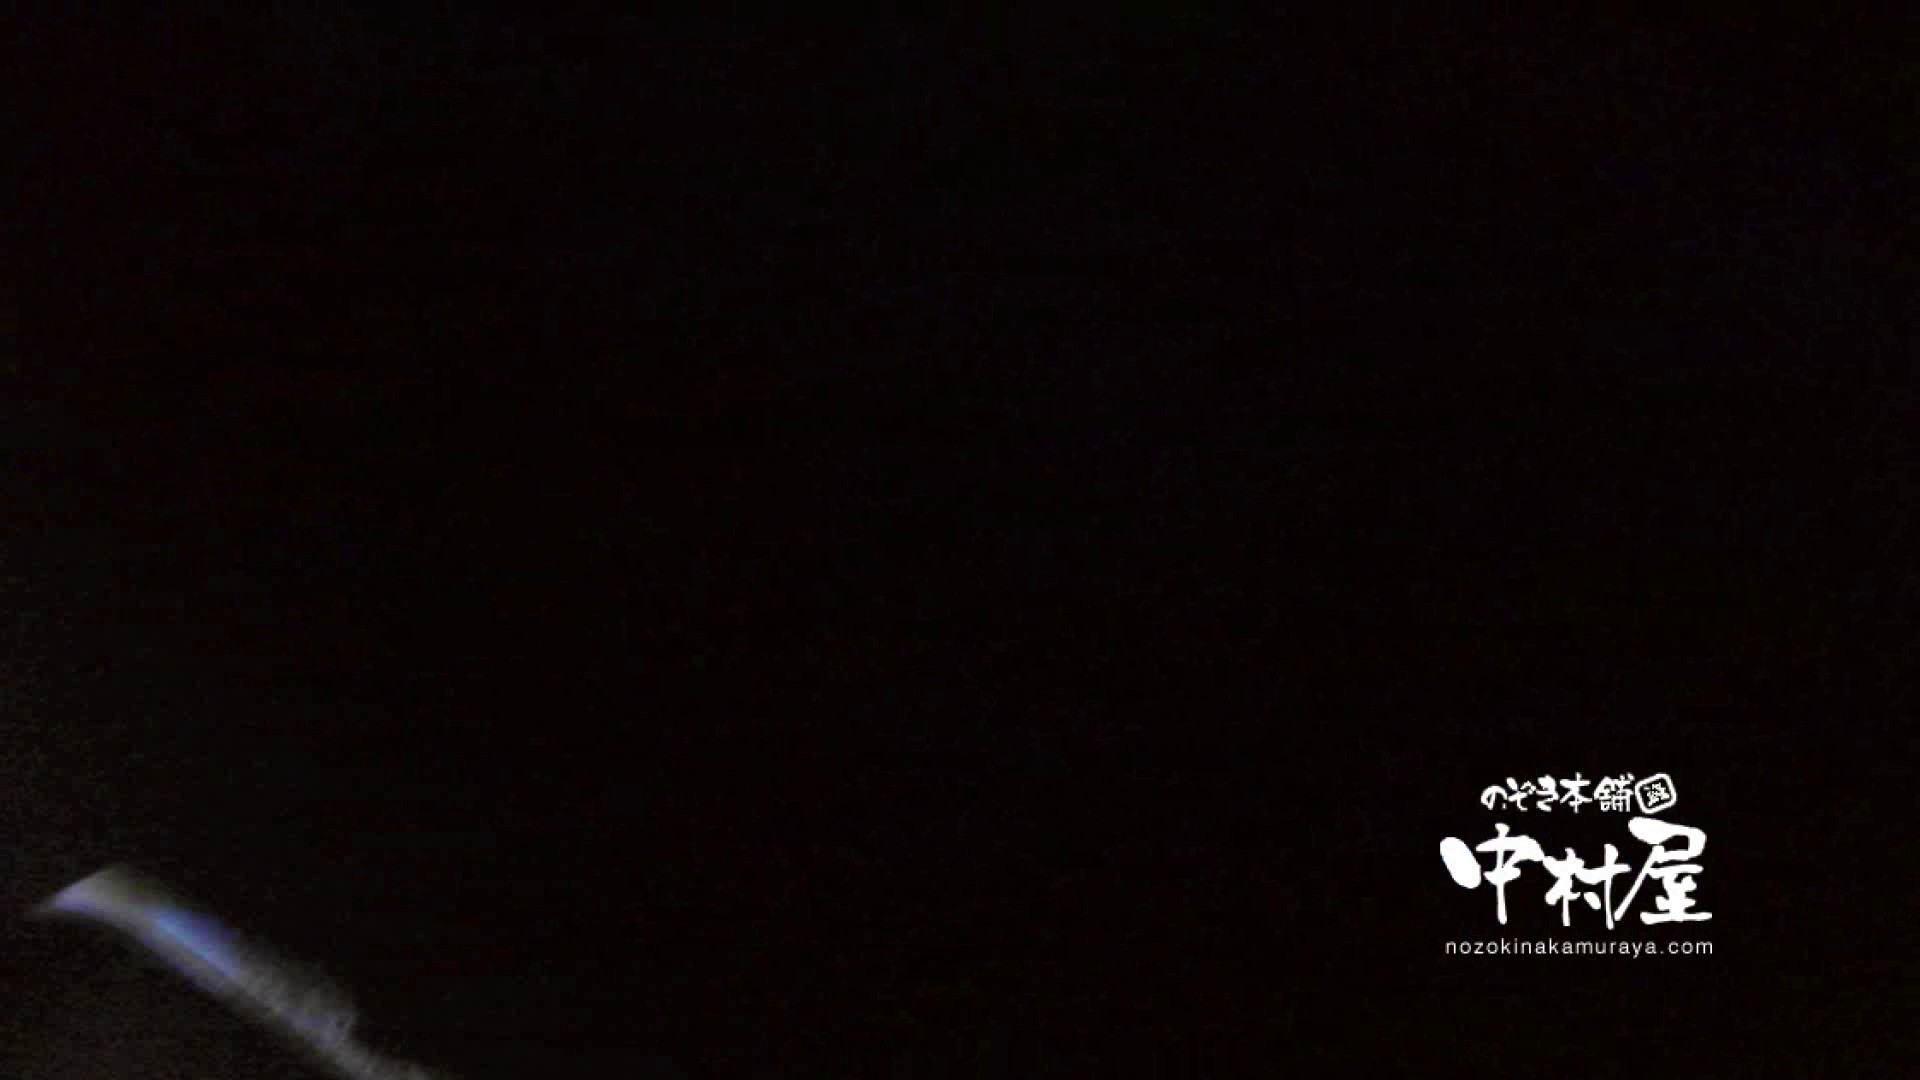 鬼畜 vol.12 剥ぎ取ったら色白でゴウモウだった 前編 OLセックス  110画像 74